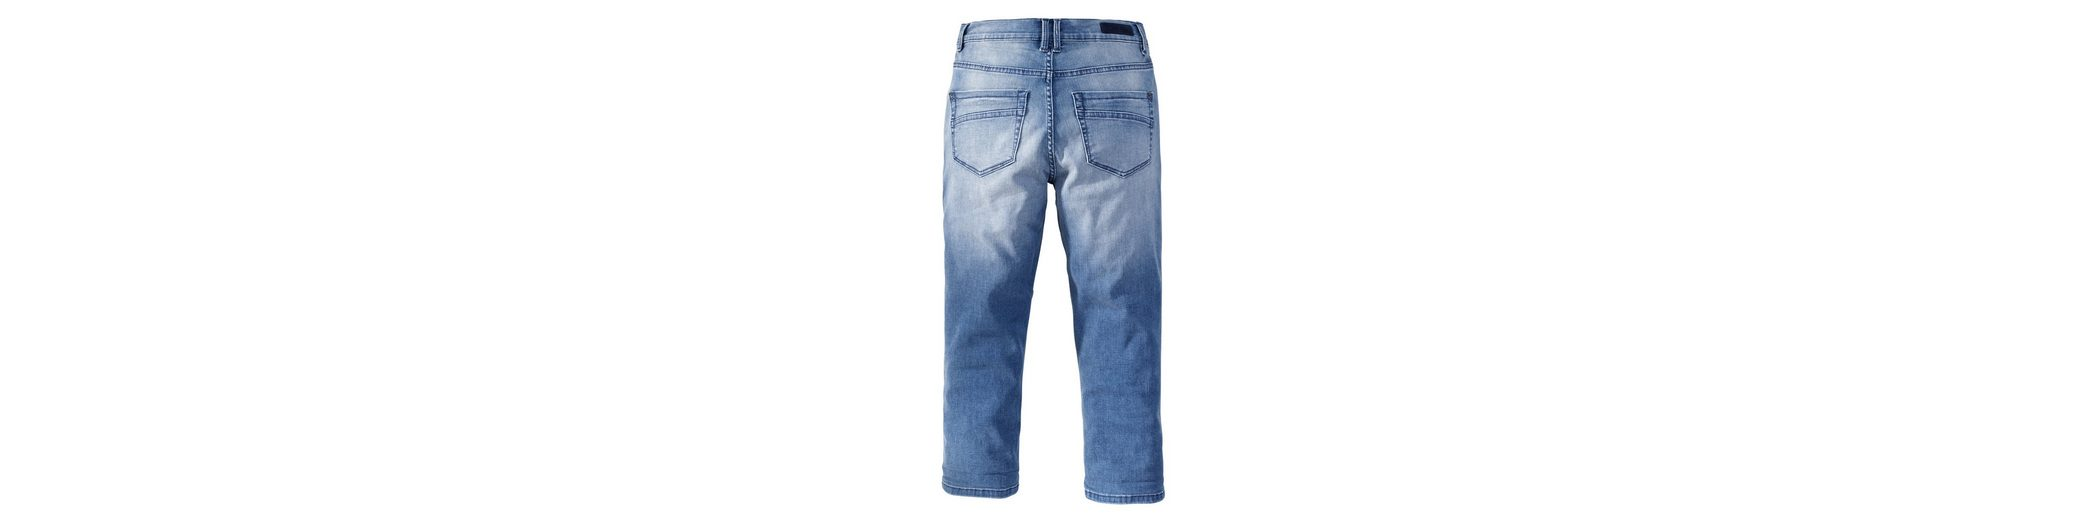 PADDOCK'S Jeans 3/4 PIA Gutes Verkauf Günstiger Preis Günstig Kaufen Brandneue Unisex Spielraum Heißen Verkauf 28wEr